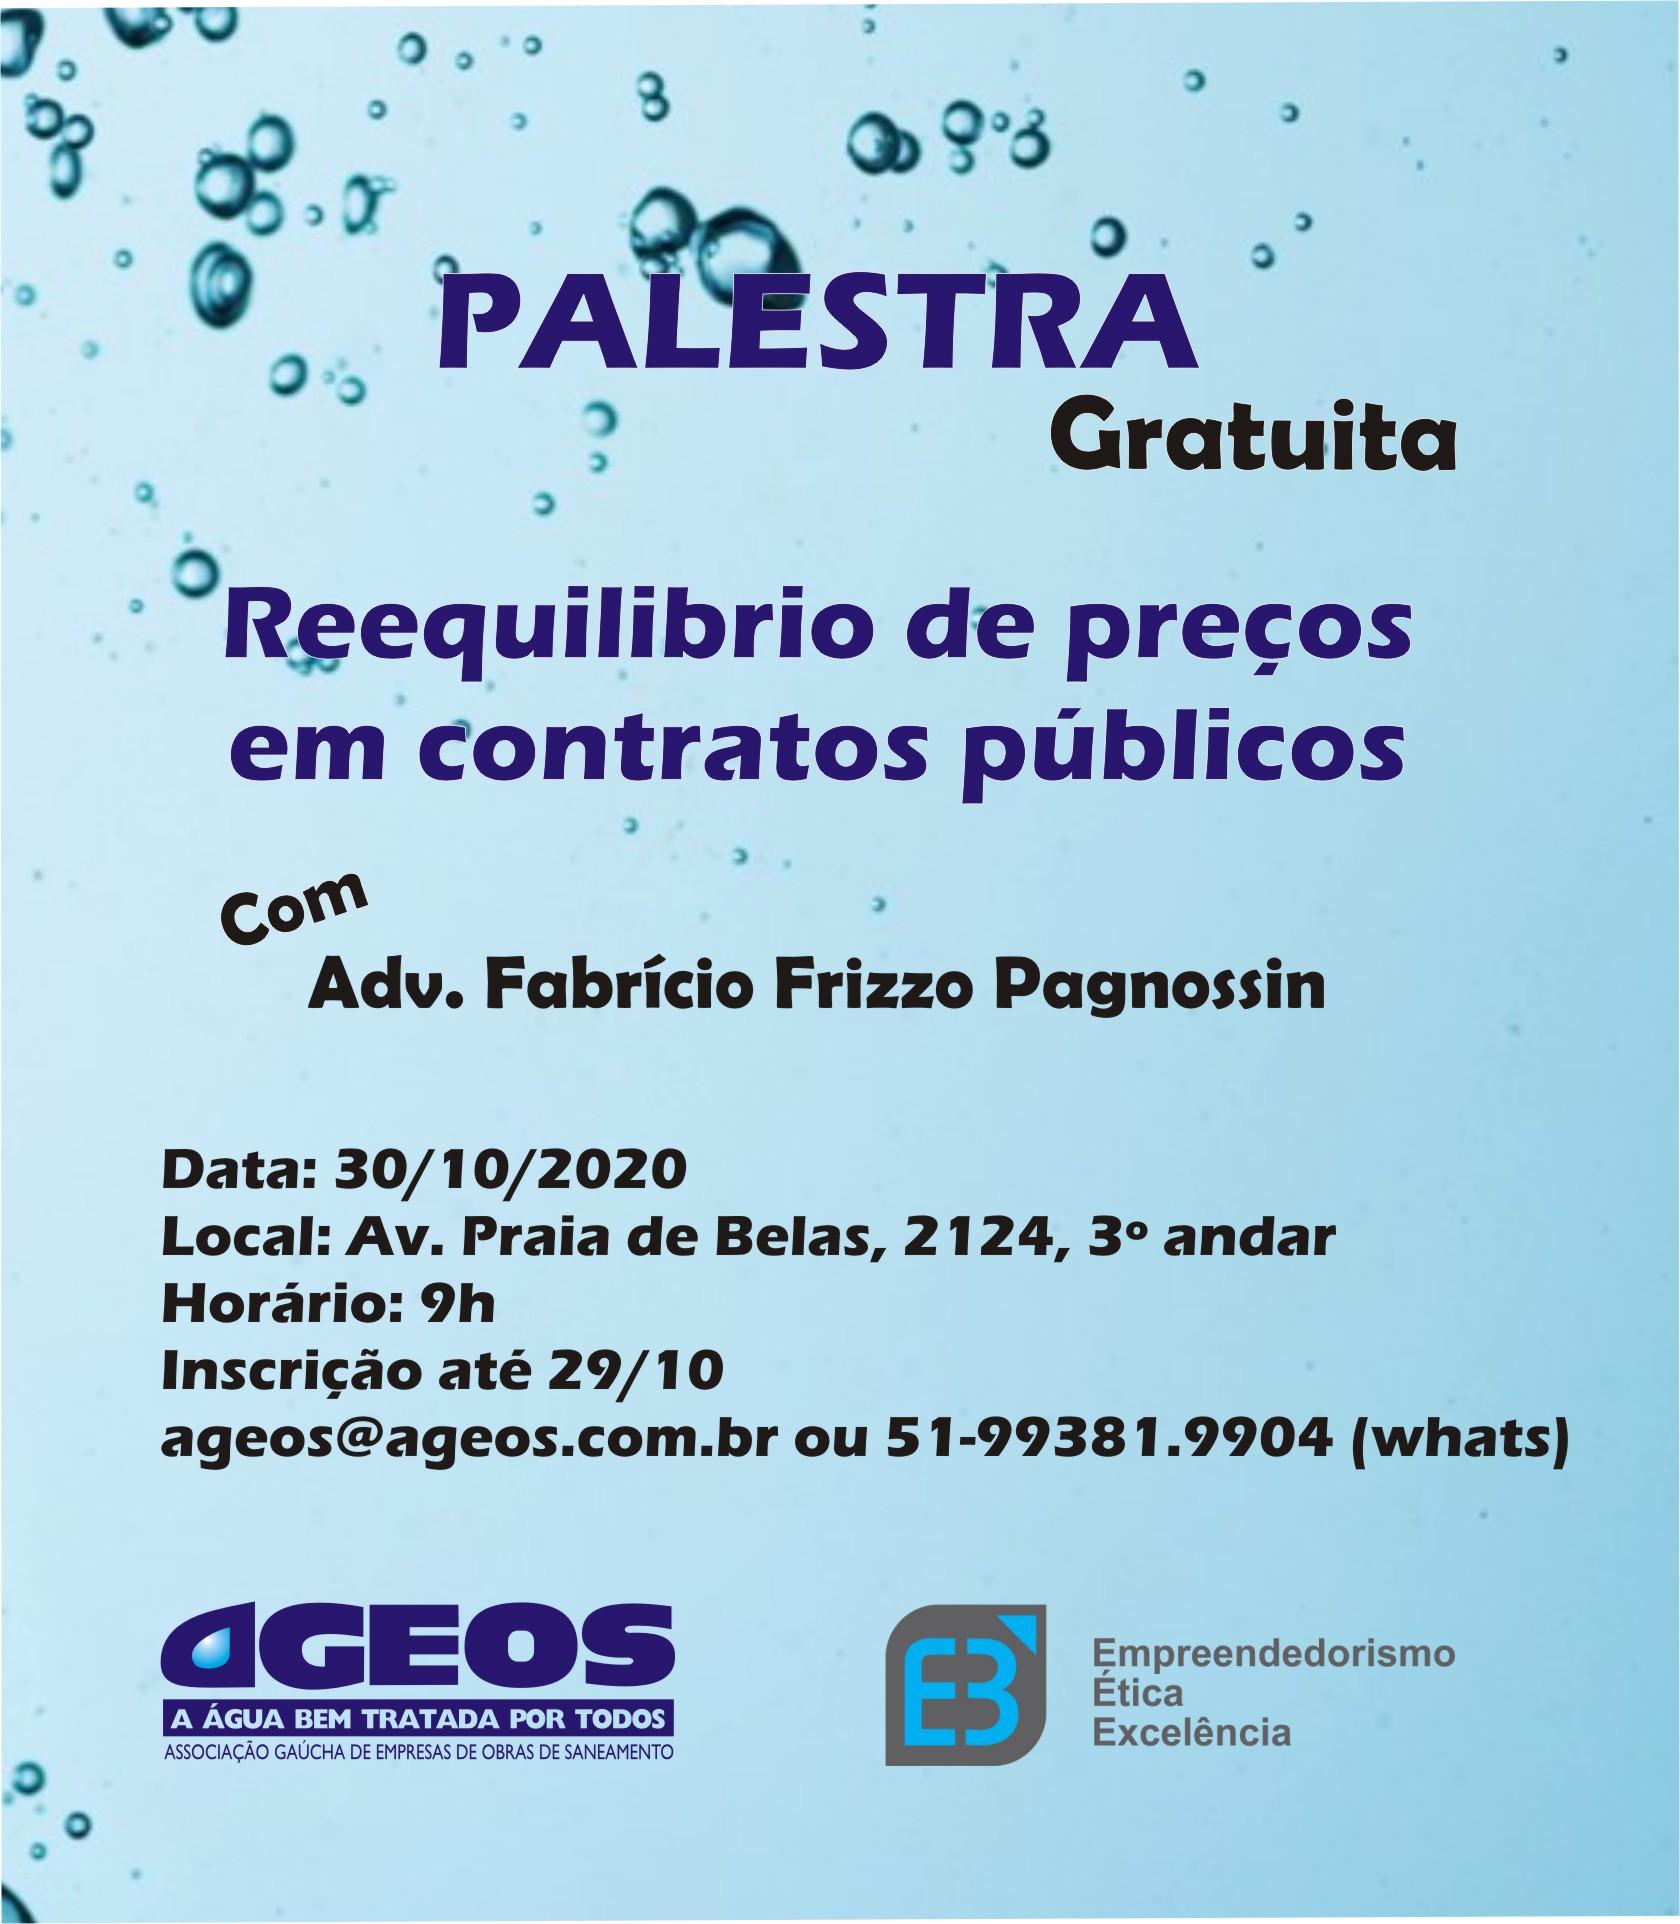 Palestra AGEOS: Reequilíbrio de preços em contratos públicos